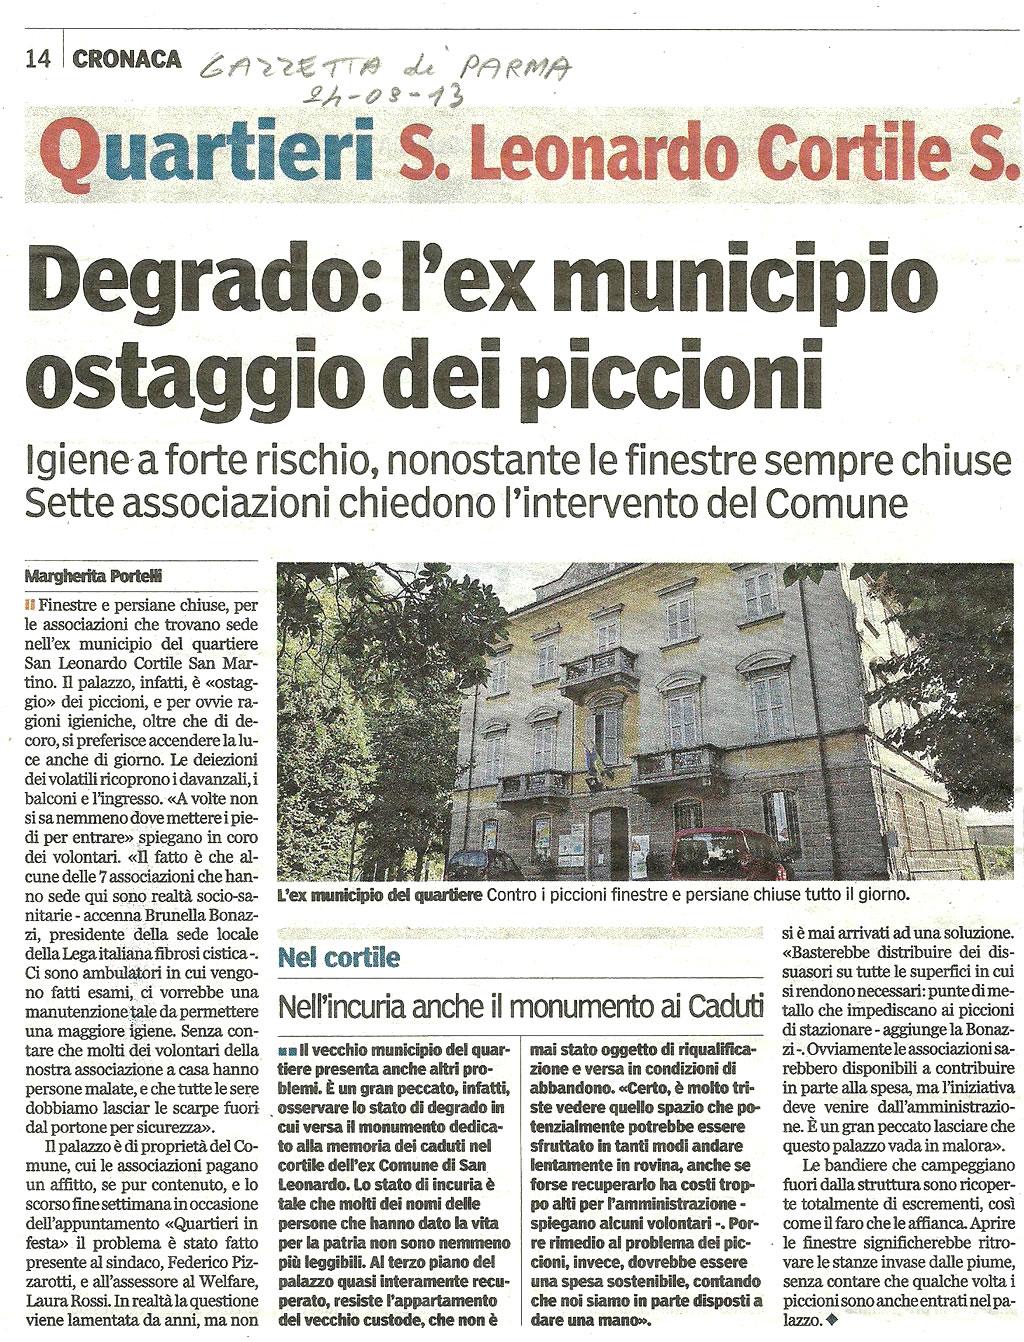 Parma: segnalato il degrado dell'ex municipio, ostaggio dei piccioni